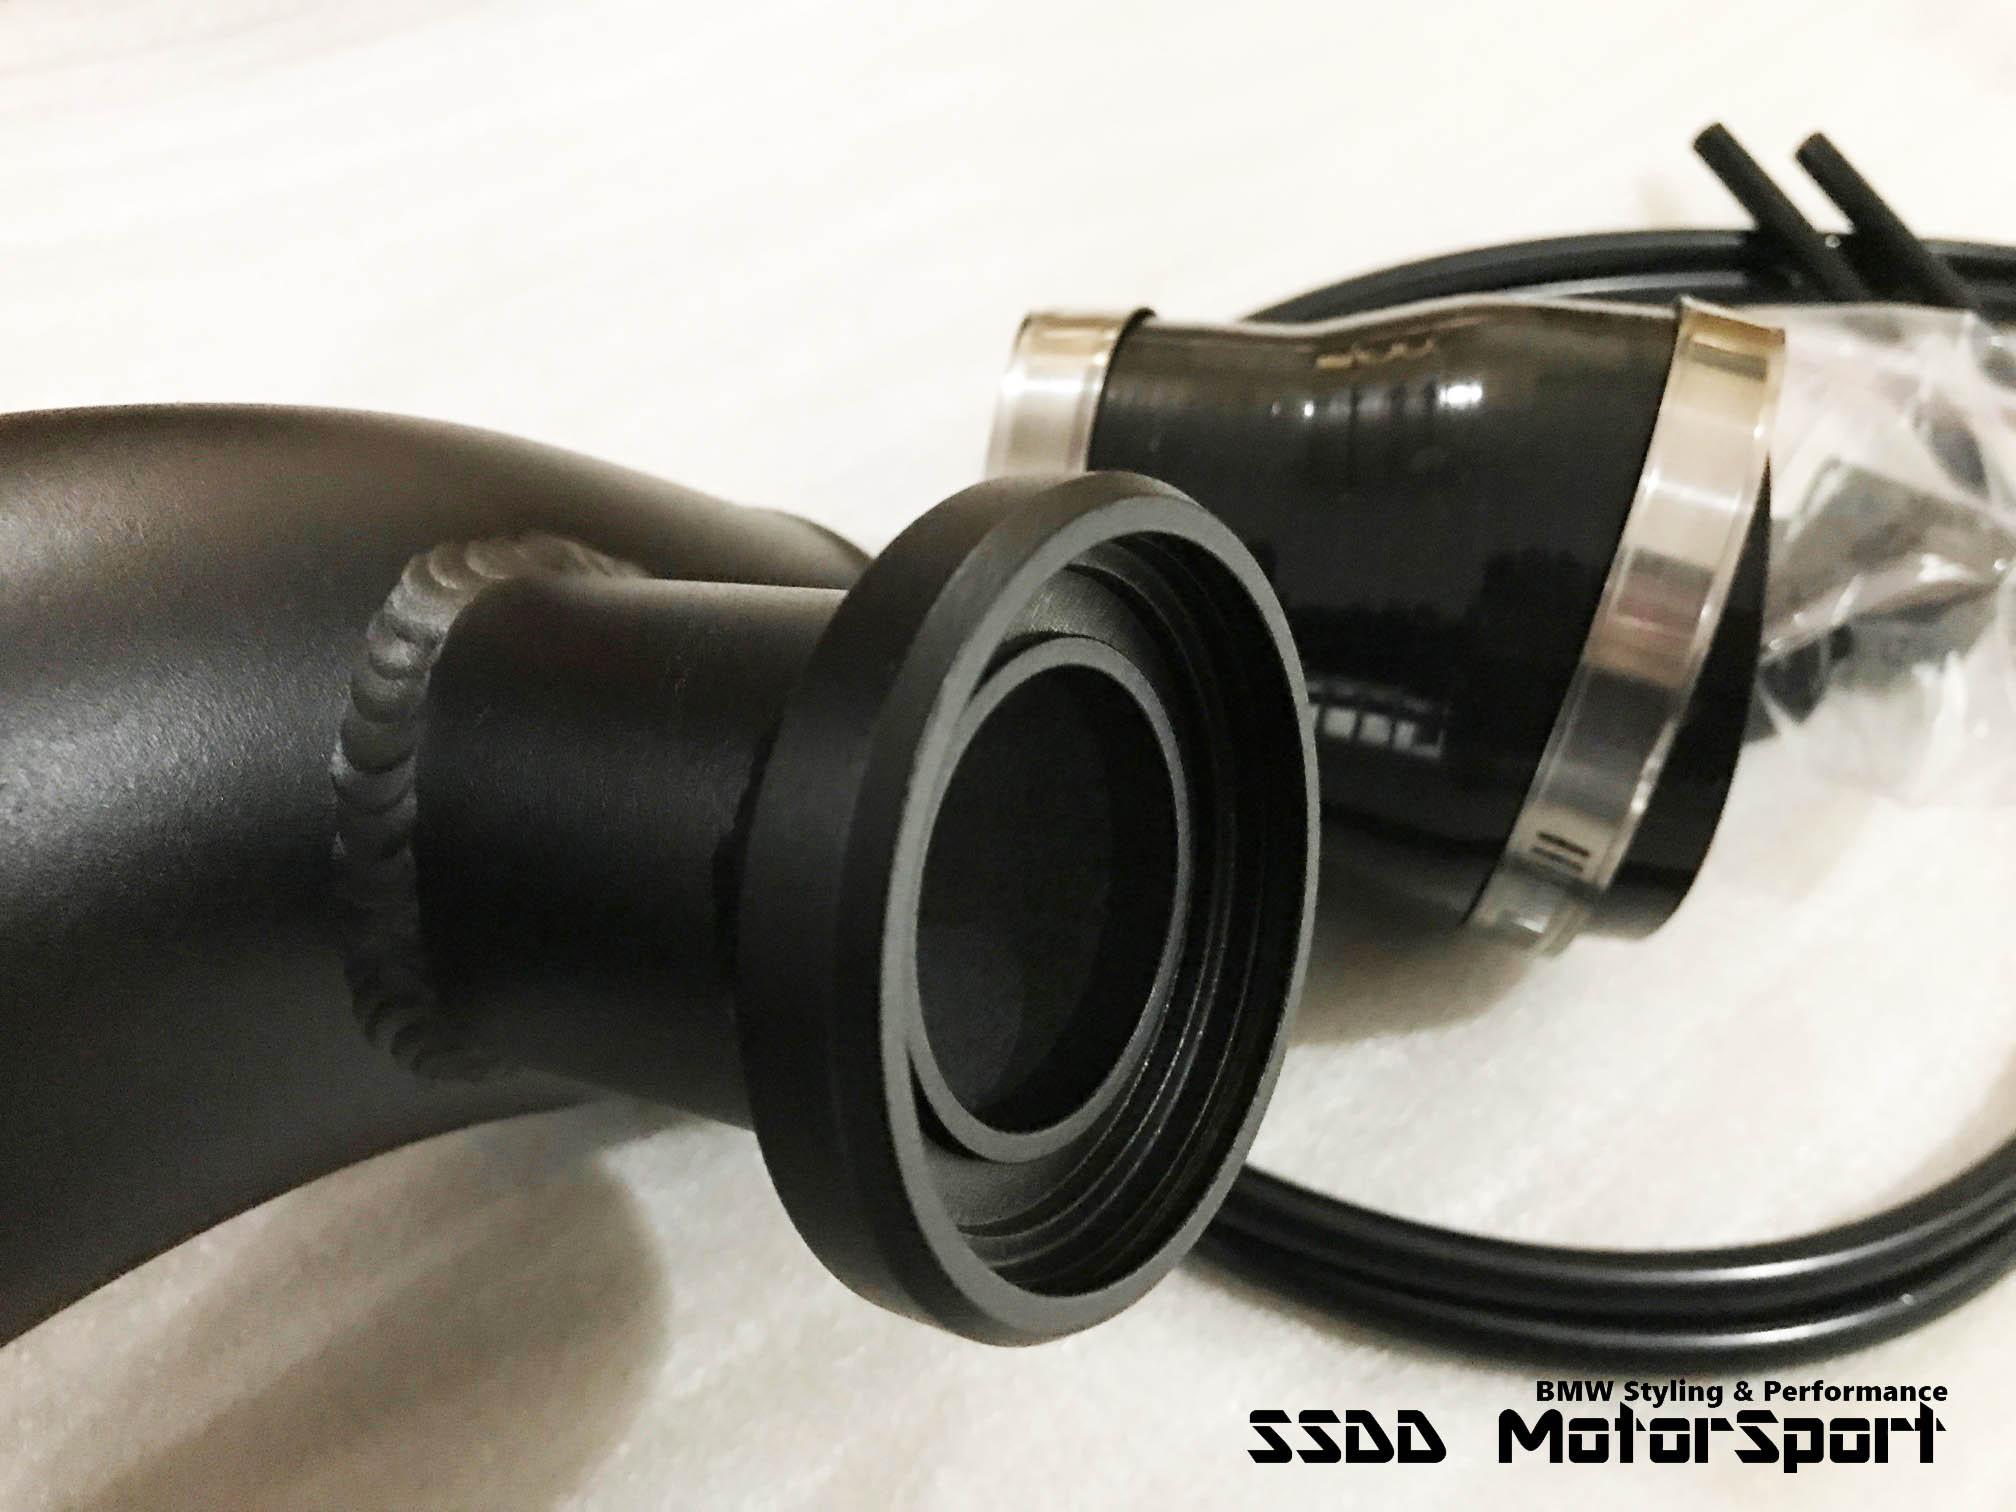 bmw-n54-charge-pipe-blow-off-valve-kit-5.jpg